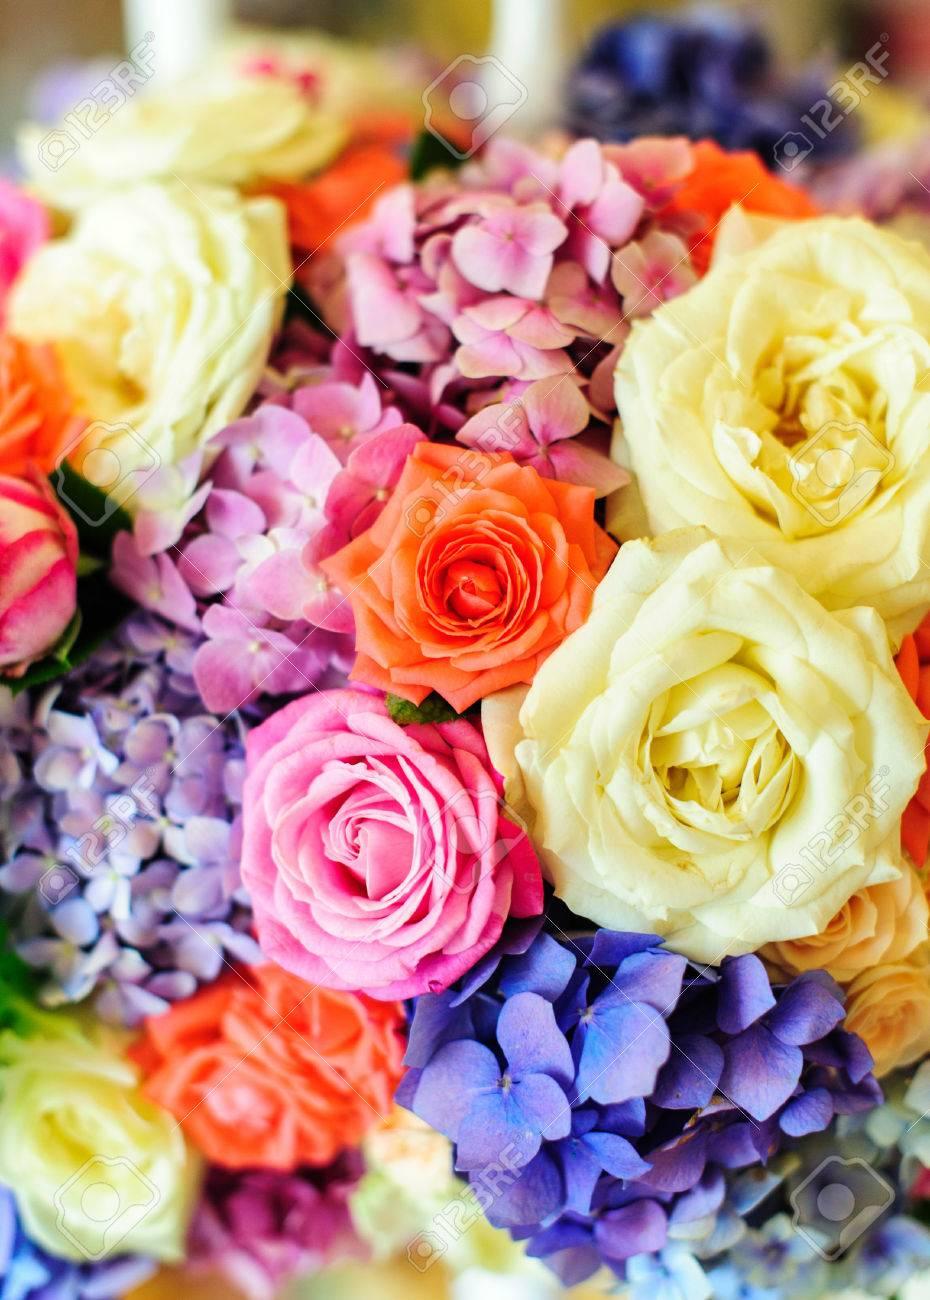 arreglo floral de hortensias de colores y las rosas evento o celebracin de la boda